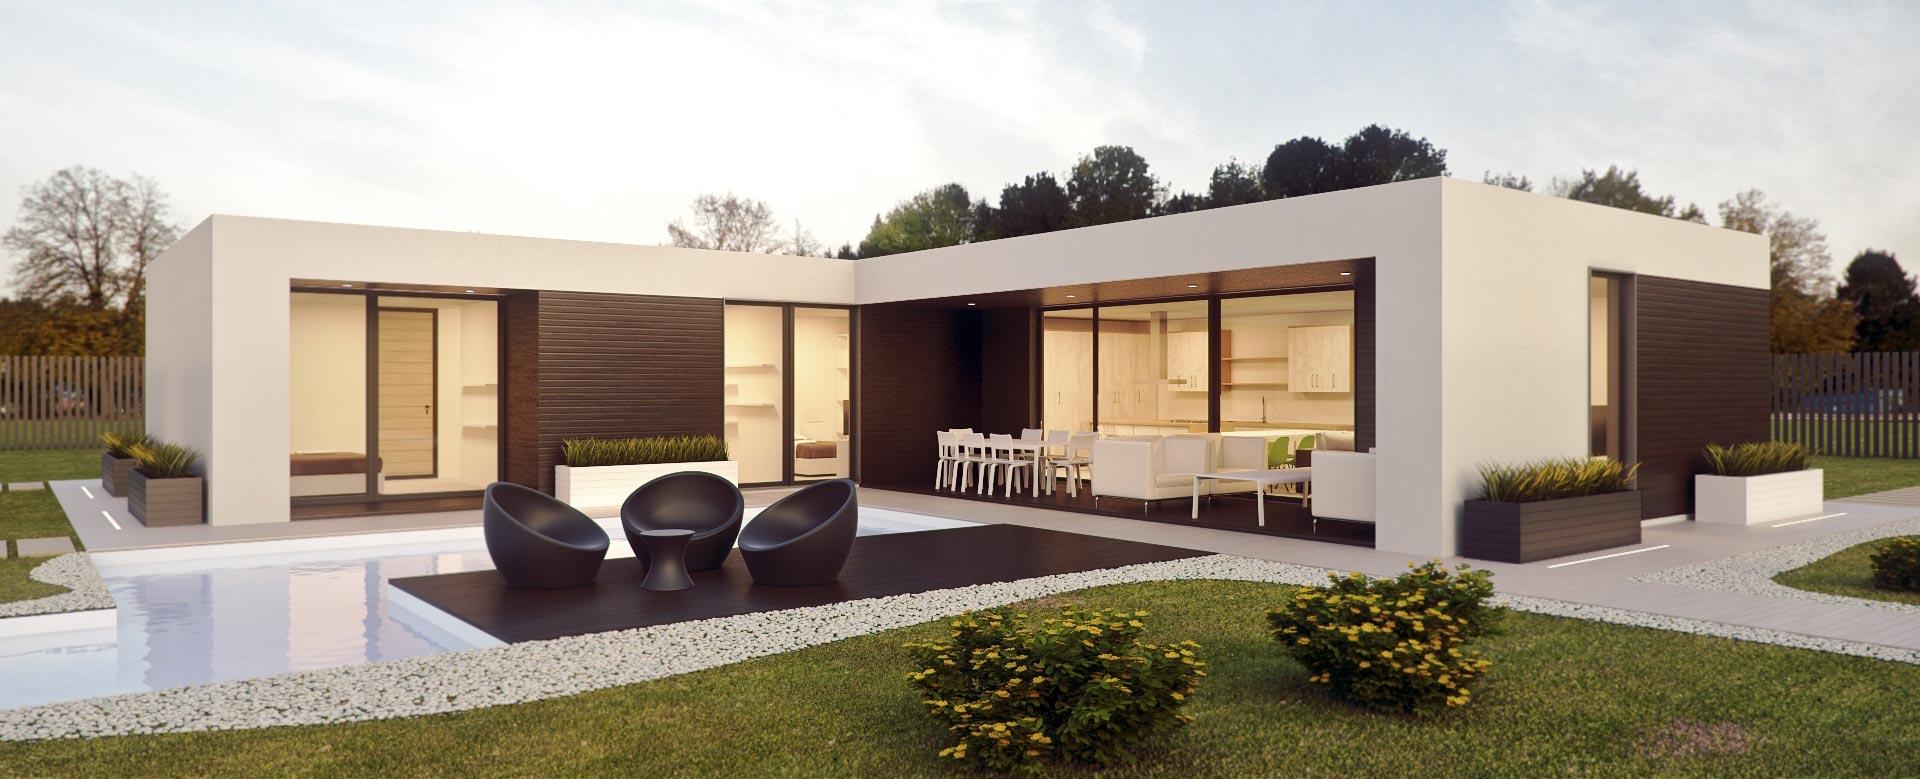 bts gartenwerk garten und landschaftsbau gmbh. Black Bedroom Furniture Sets. Home Design Ideas